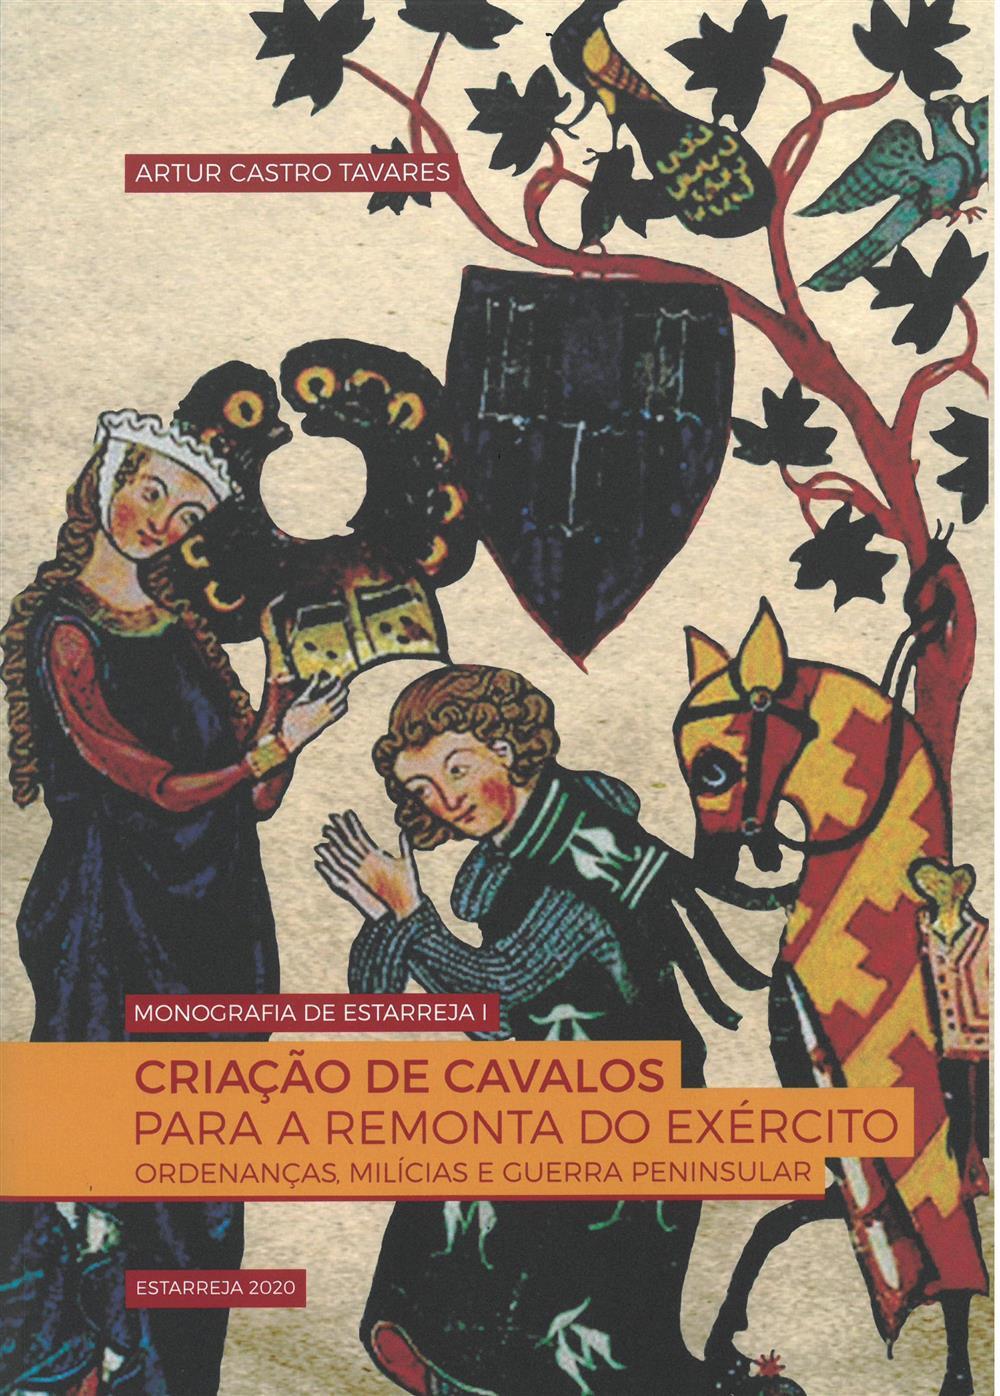 TAVARES, Artur Castro (2020). Criação de cavalos para a remonta do exército : ordenanças, milícias e Guerra Peninsular.jpg